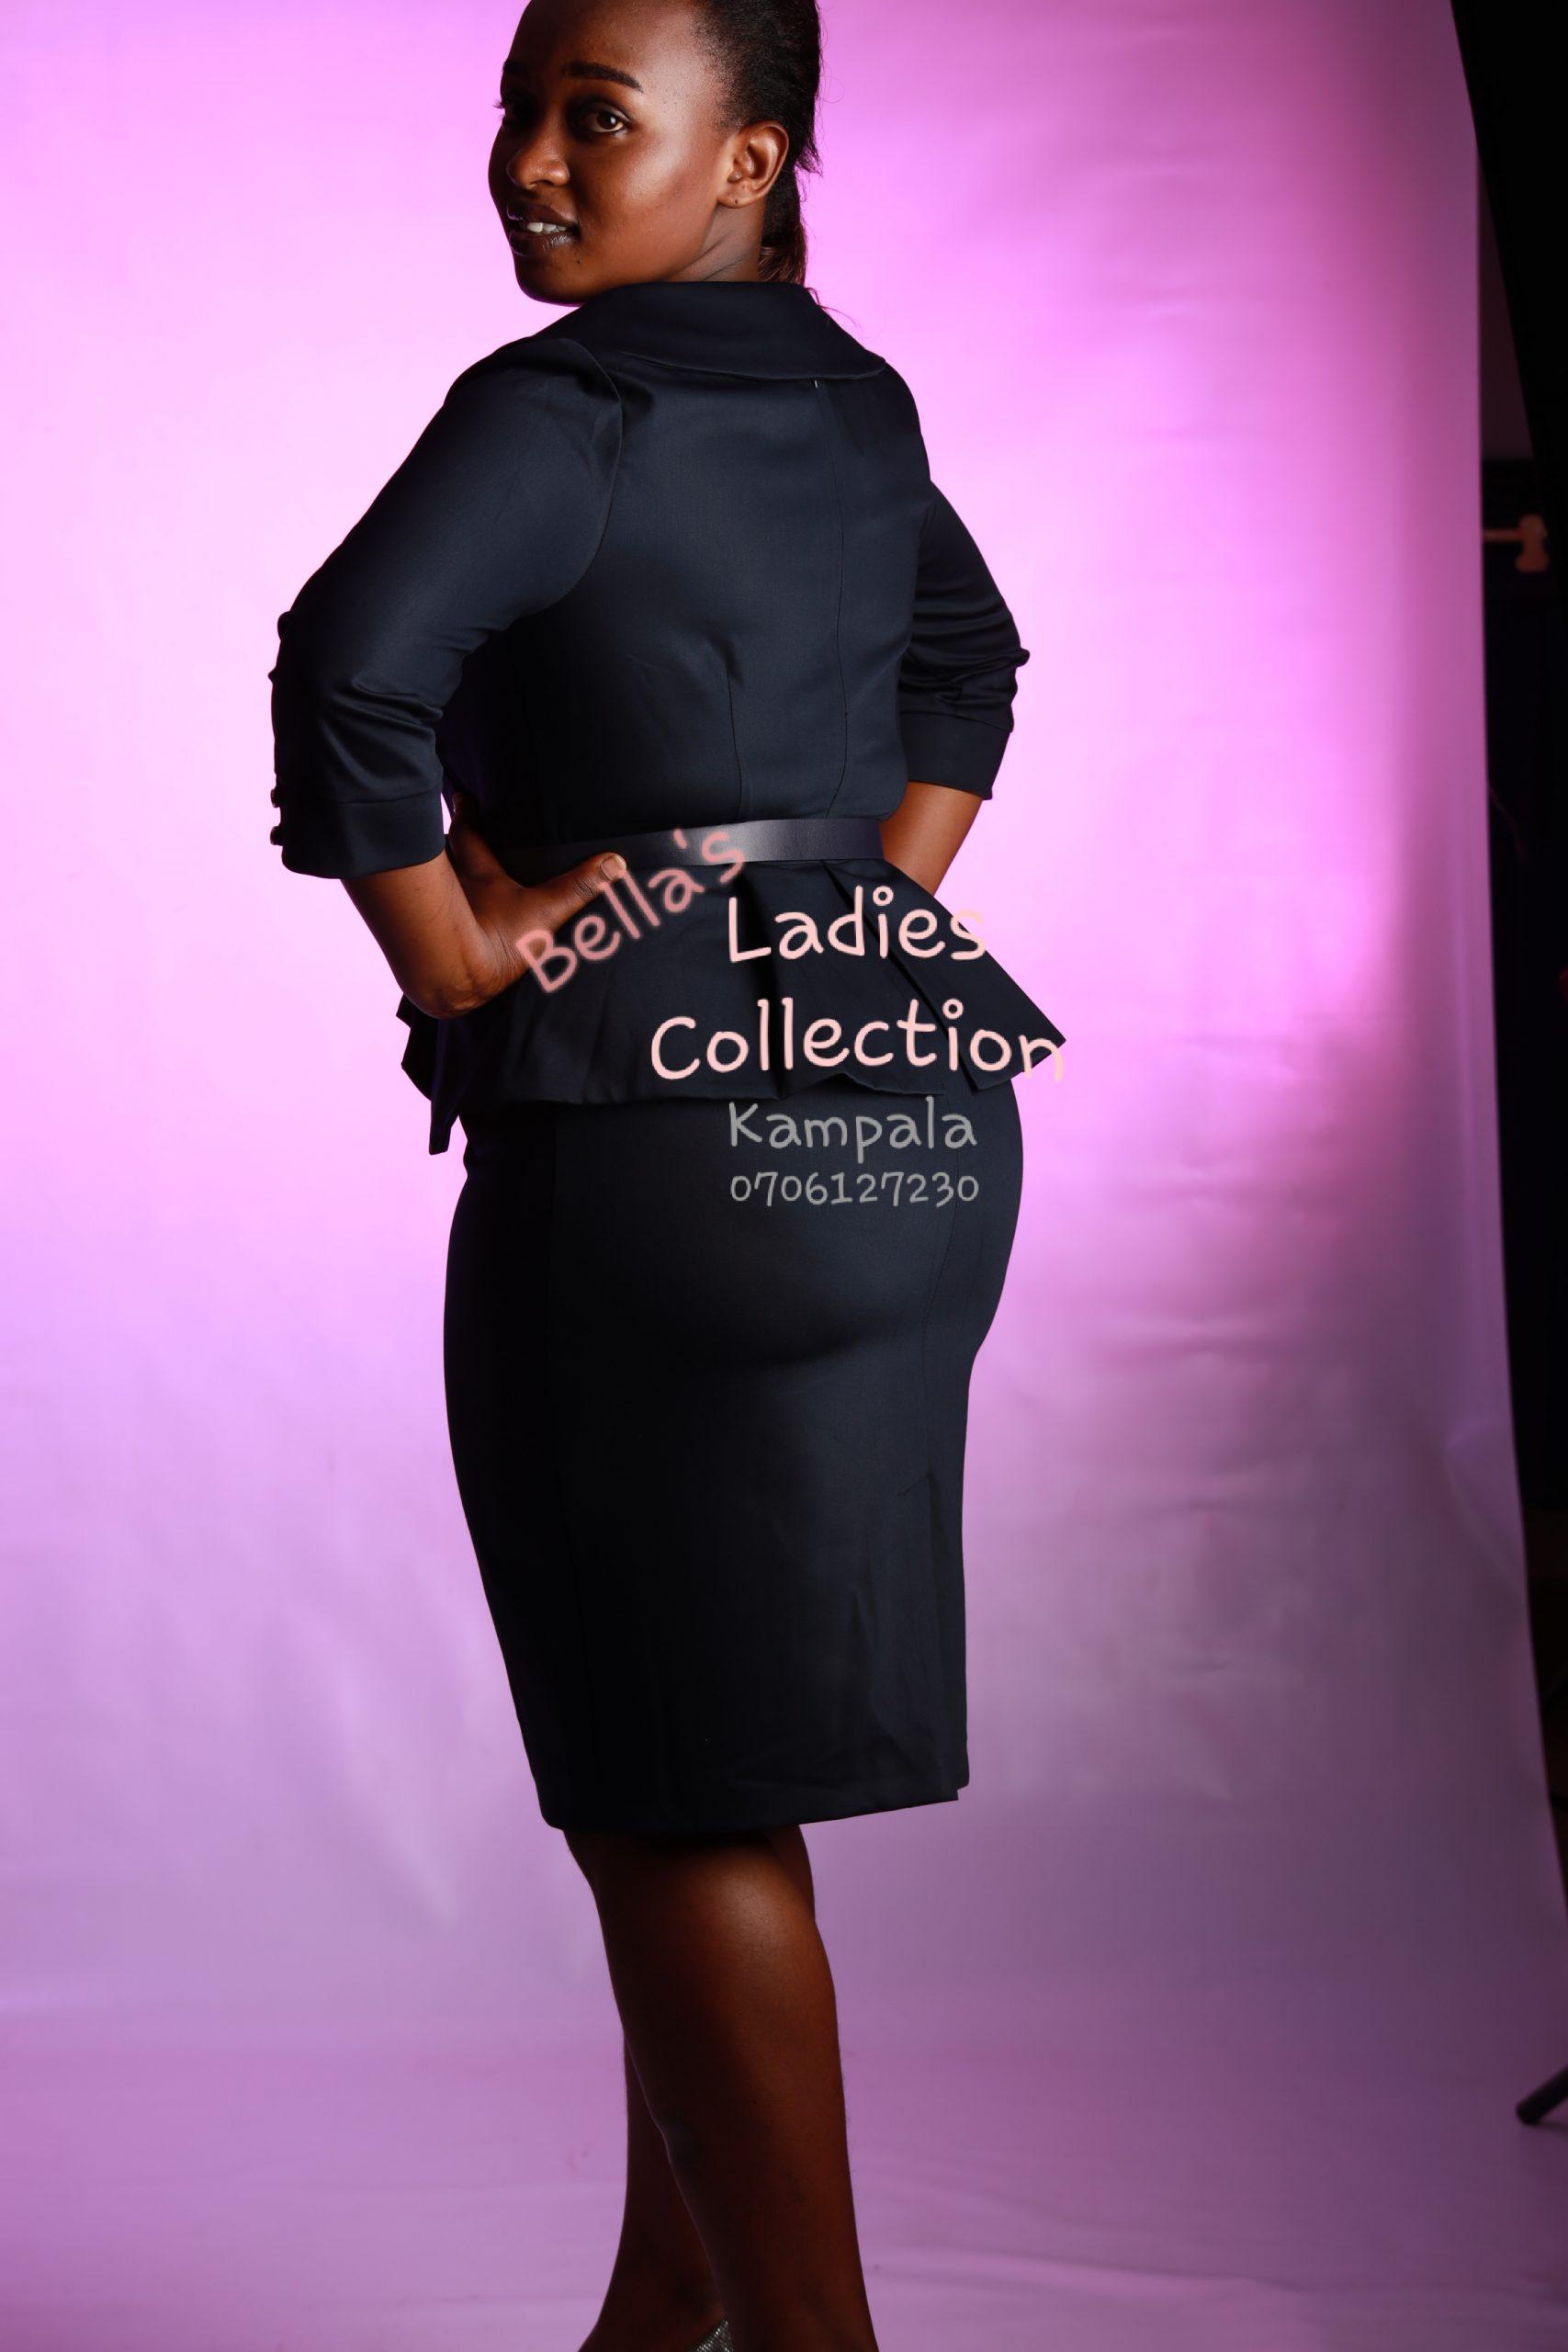 Office Wear Kampala